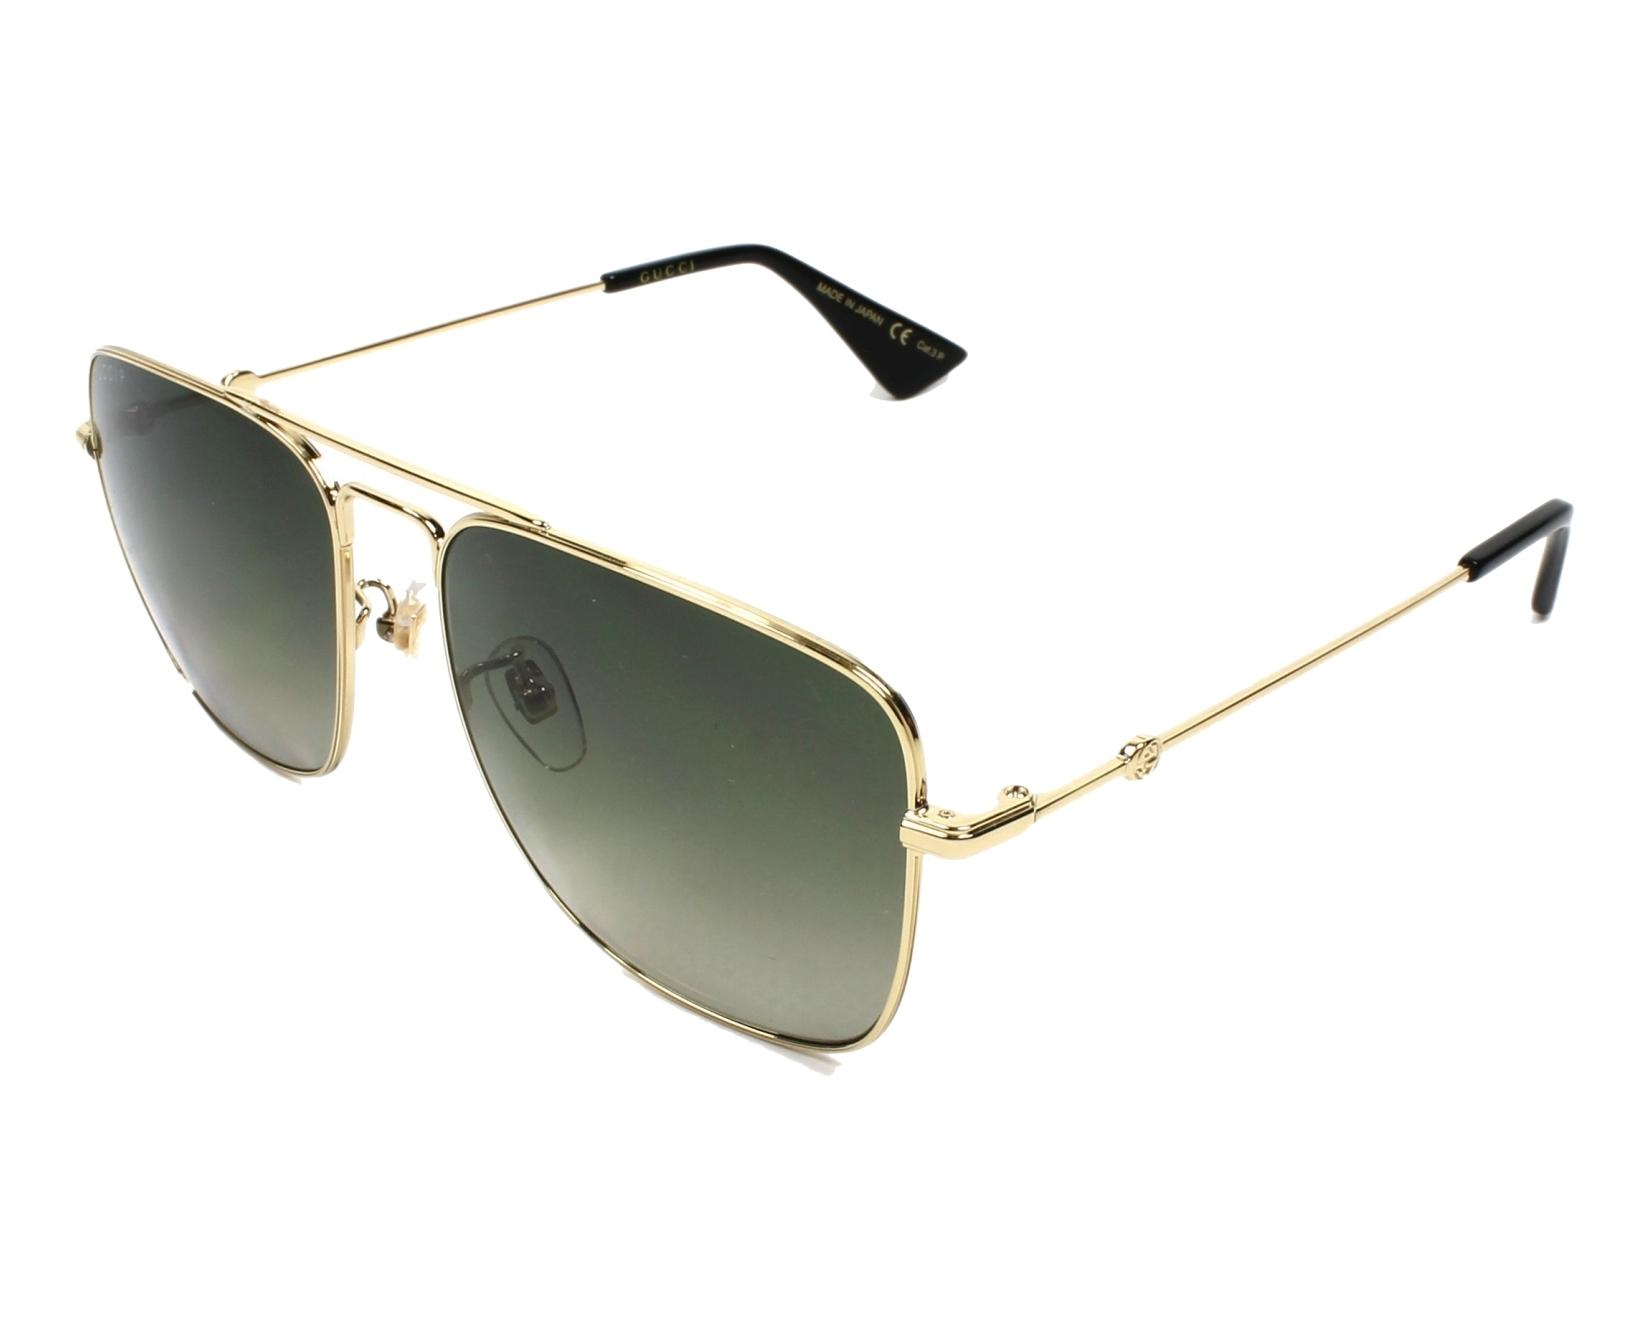 d4e5a639b5 Sunglasses Gucci GG-0108-S 006 55-16 Gold profile view